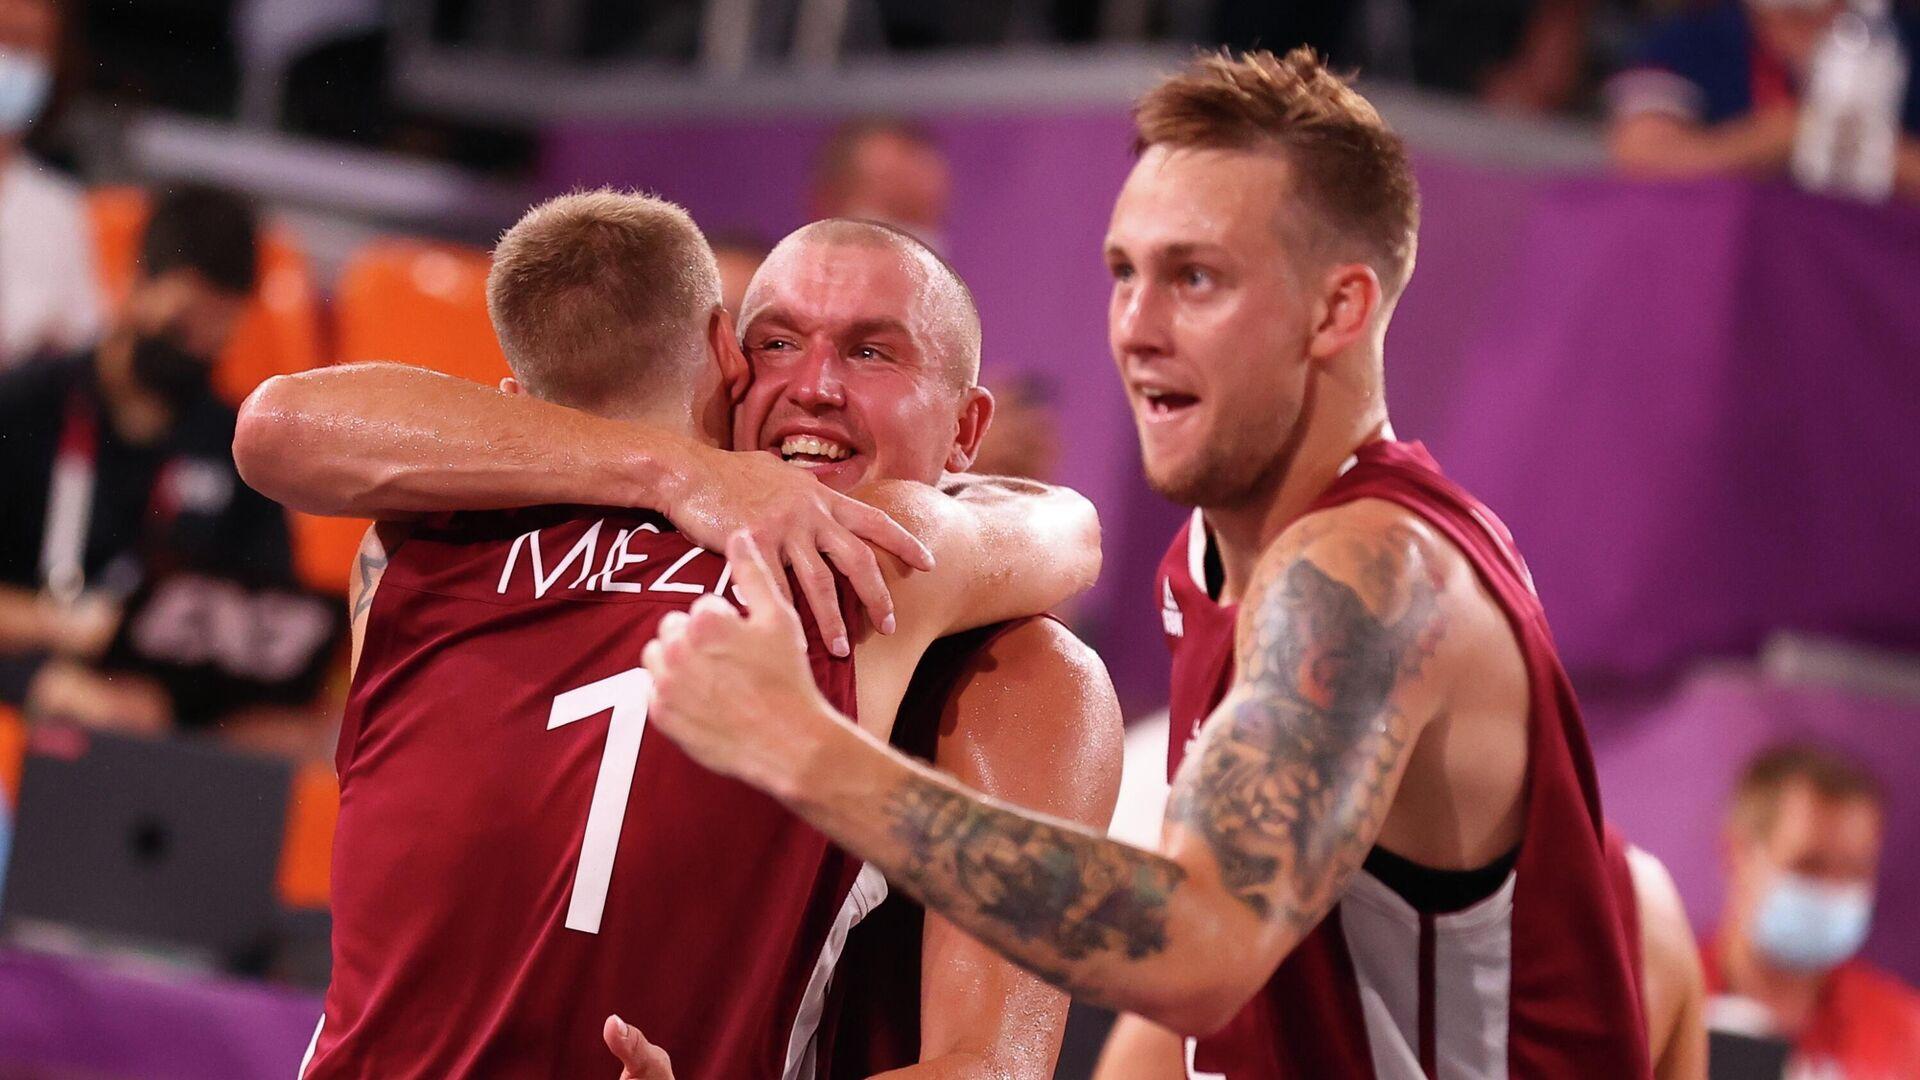 Мужская сборная Латвии по баскетболу 3x3 - РИА Новости, 1920, 28.07.2021